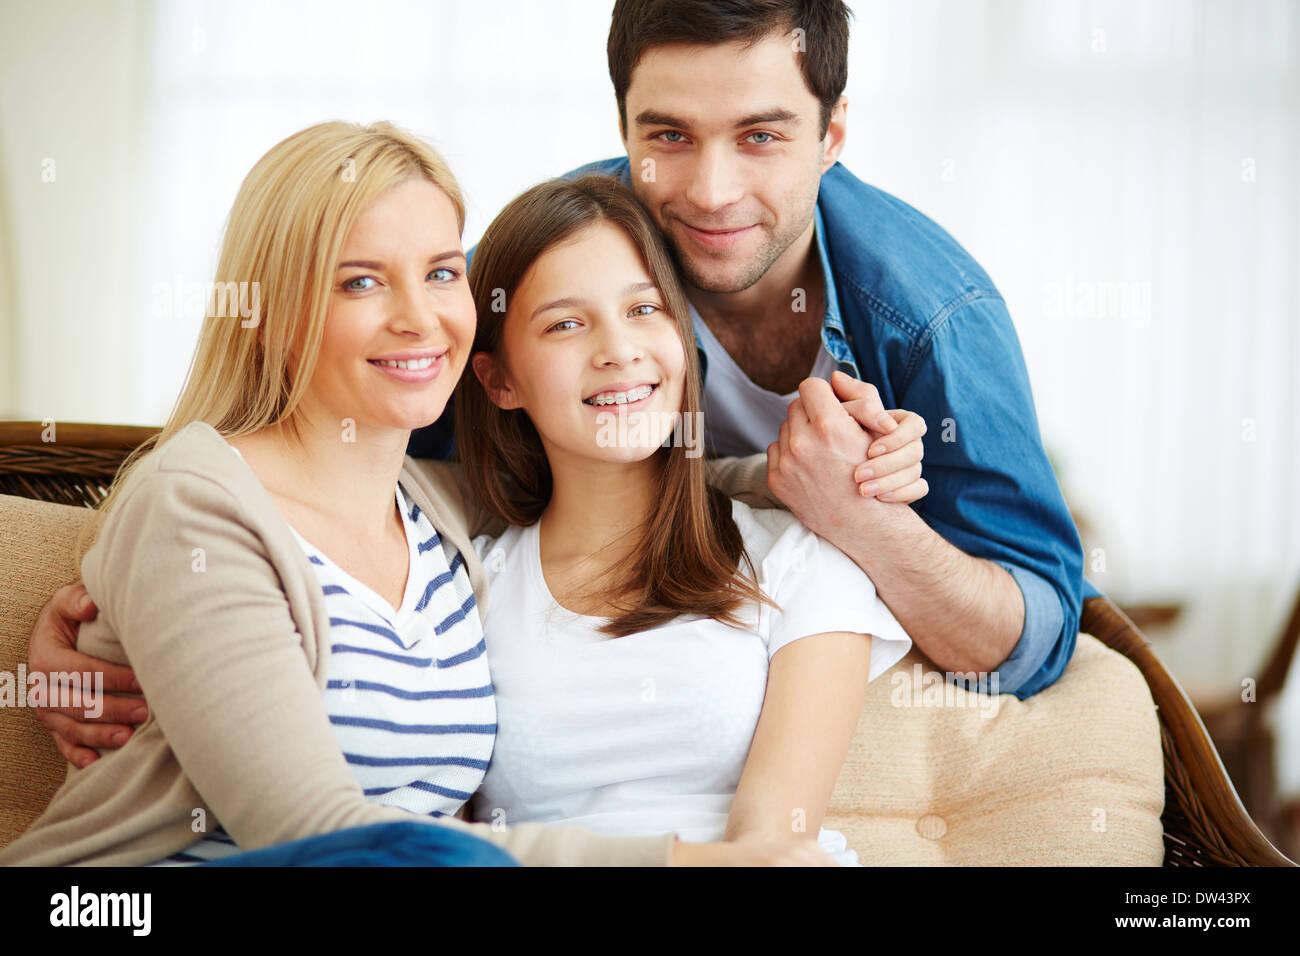 Porträt der glückliche Familie von drei Blick in die Kamera mit einem Lächeln Stockbild